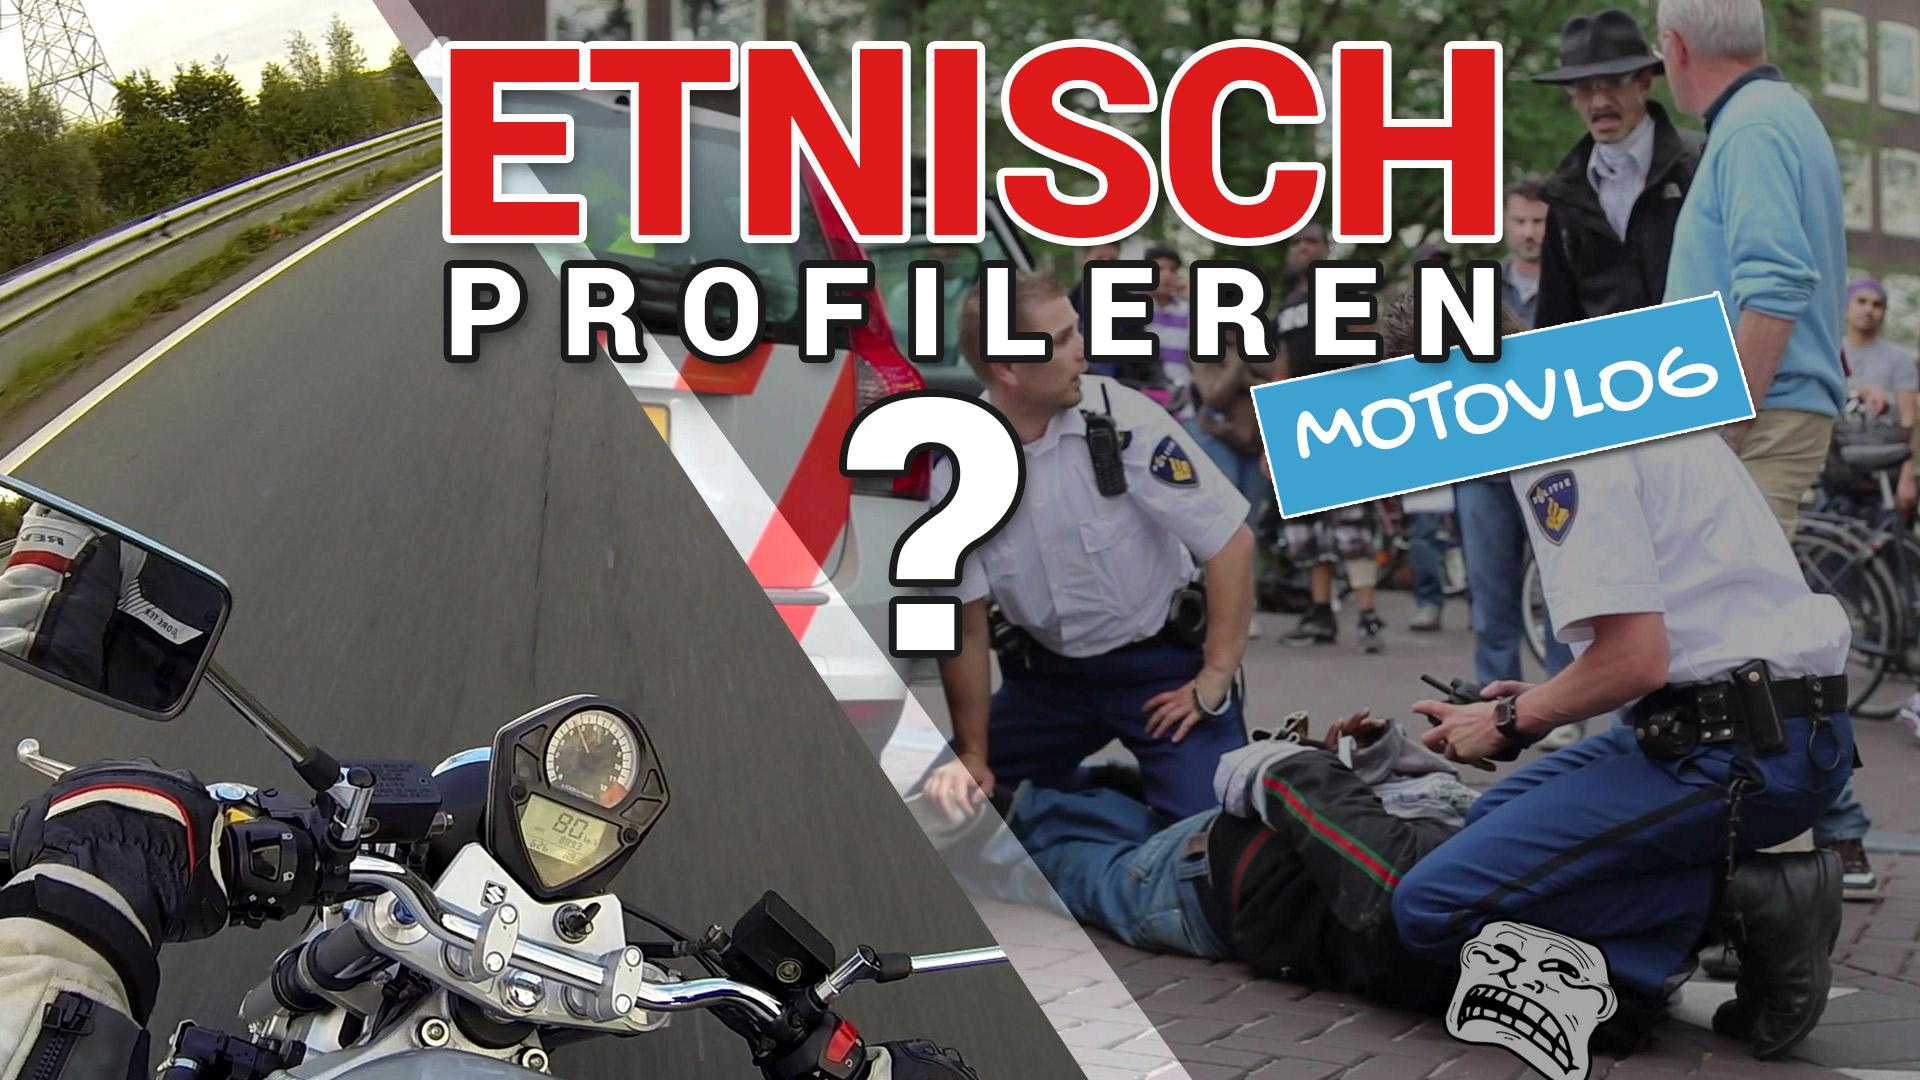 Motorrijder over etnisch profileren